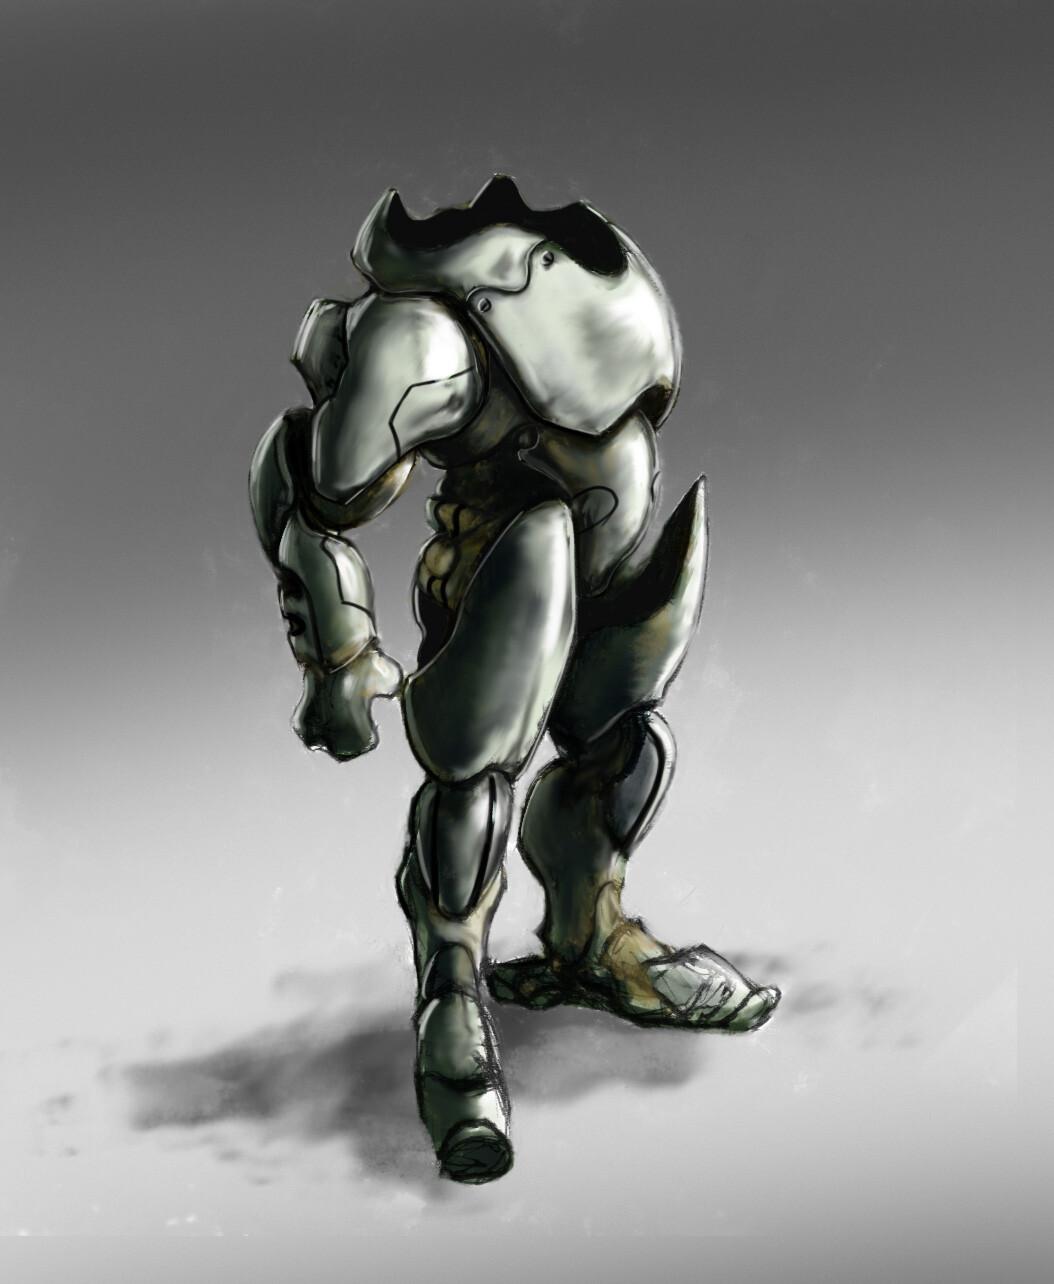 Armor 7-20-21